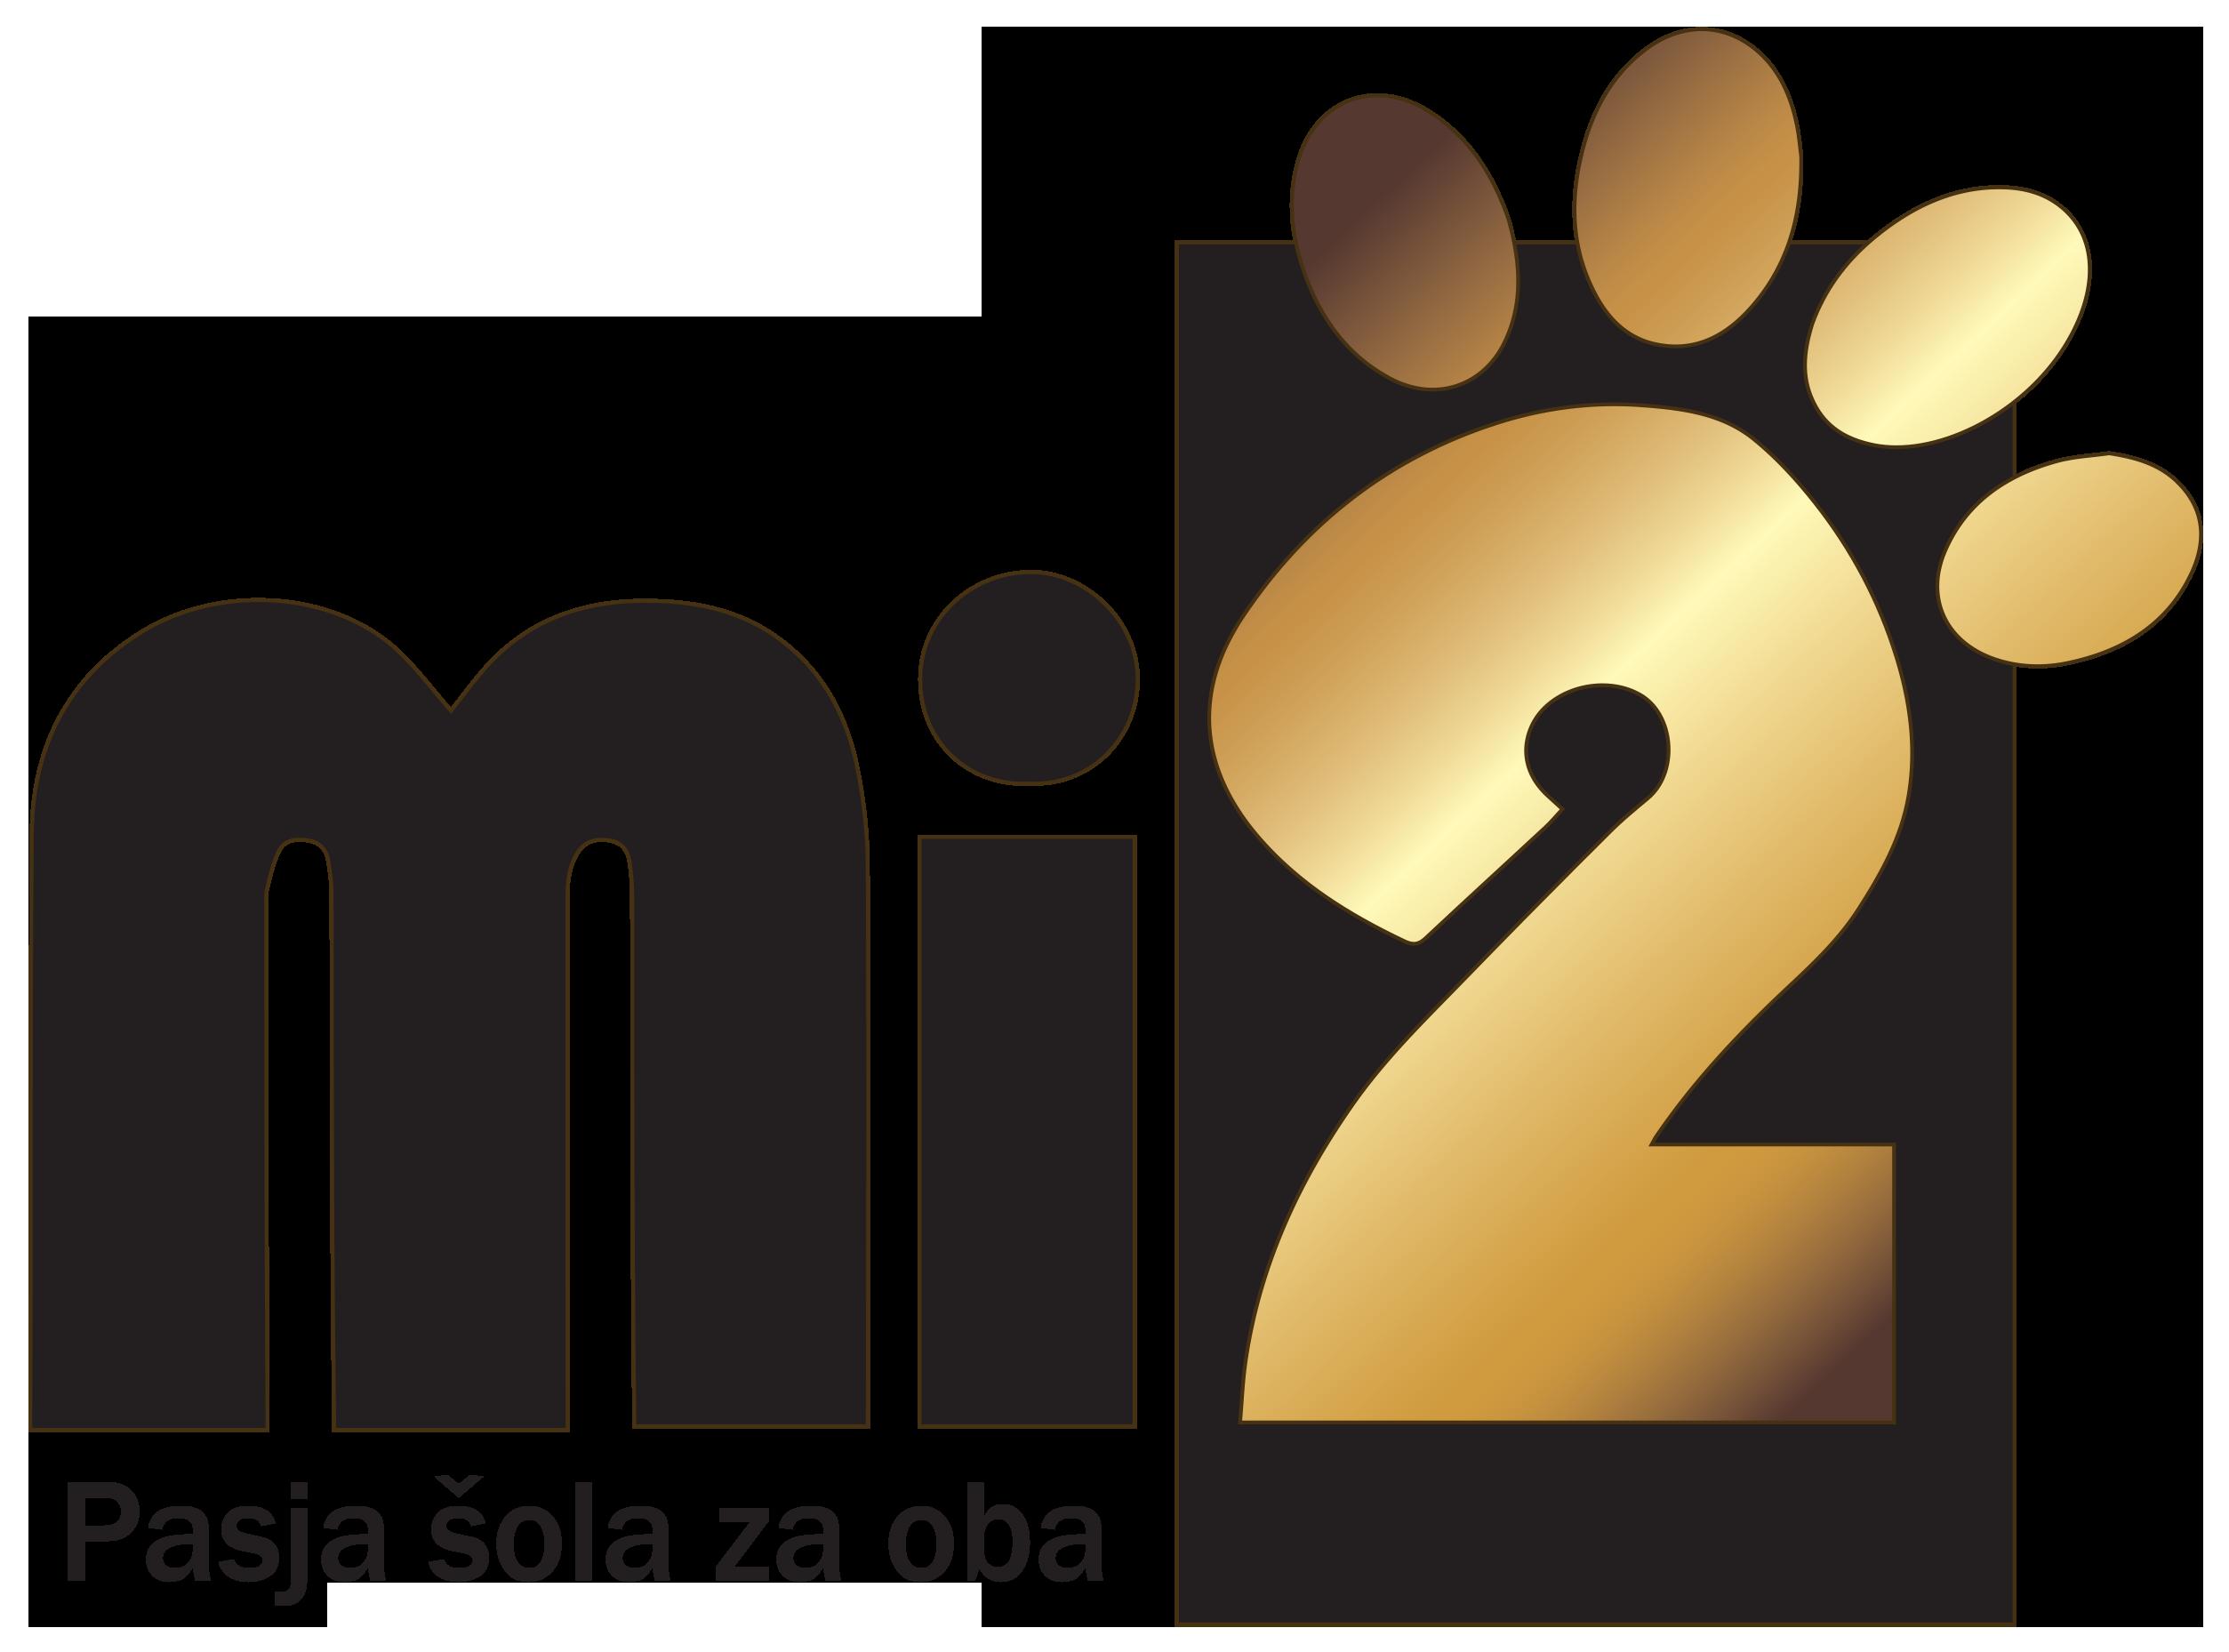 Pasja šola za oba Mi2 Logo